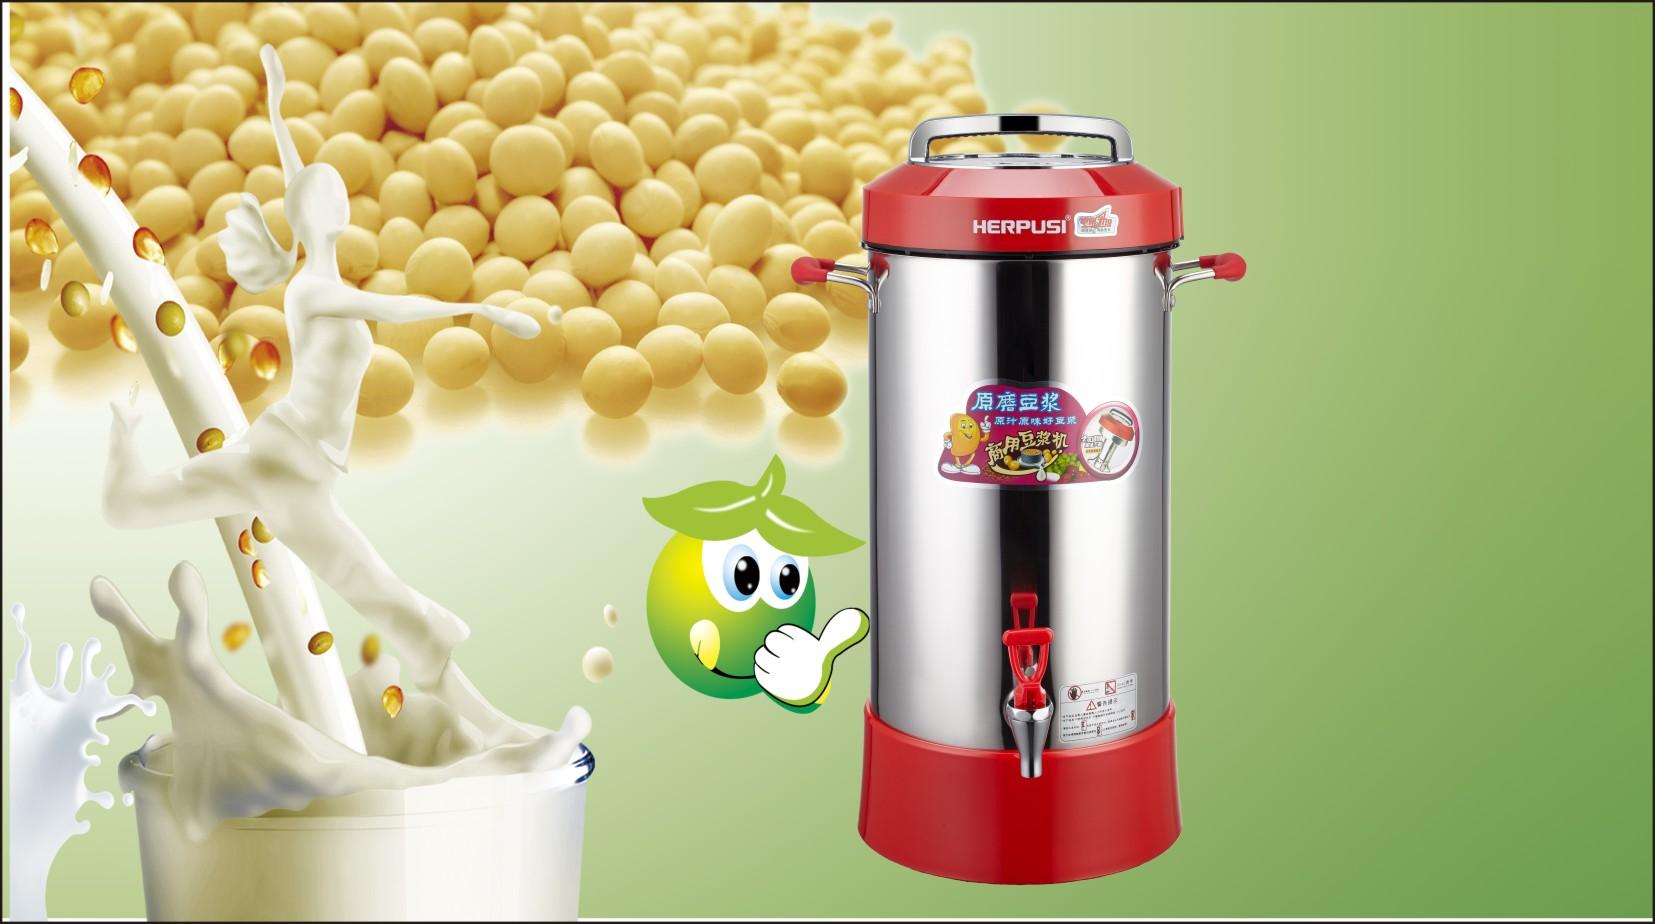 智能商用现磨豆浆机选择惠尔普斯